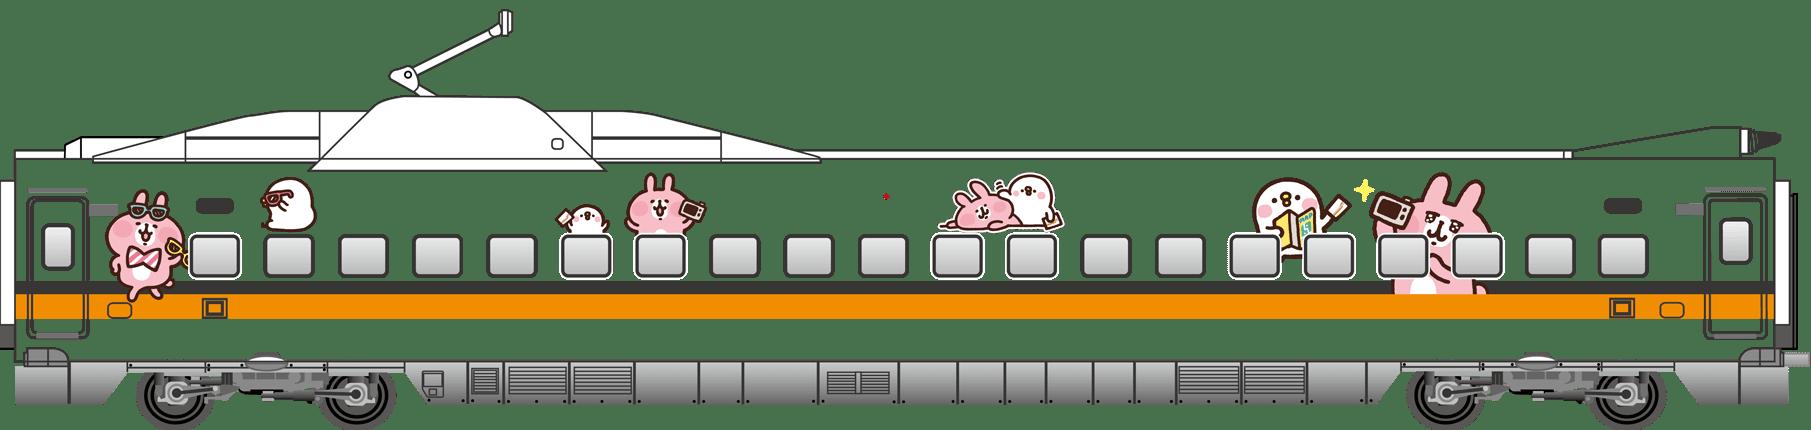 第 4 節車廂